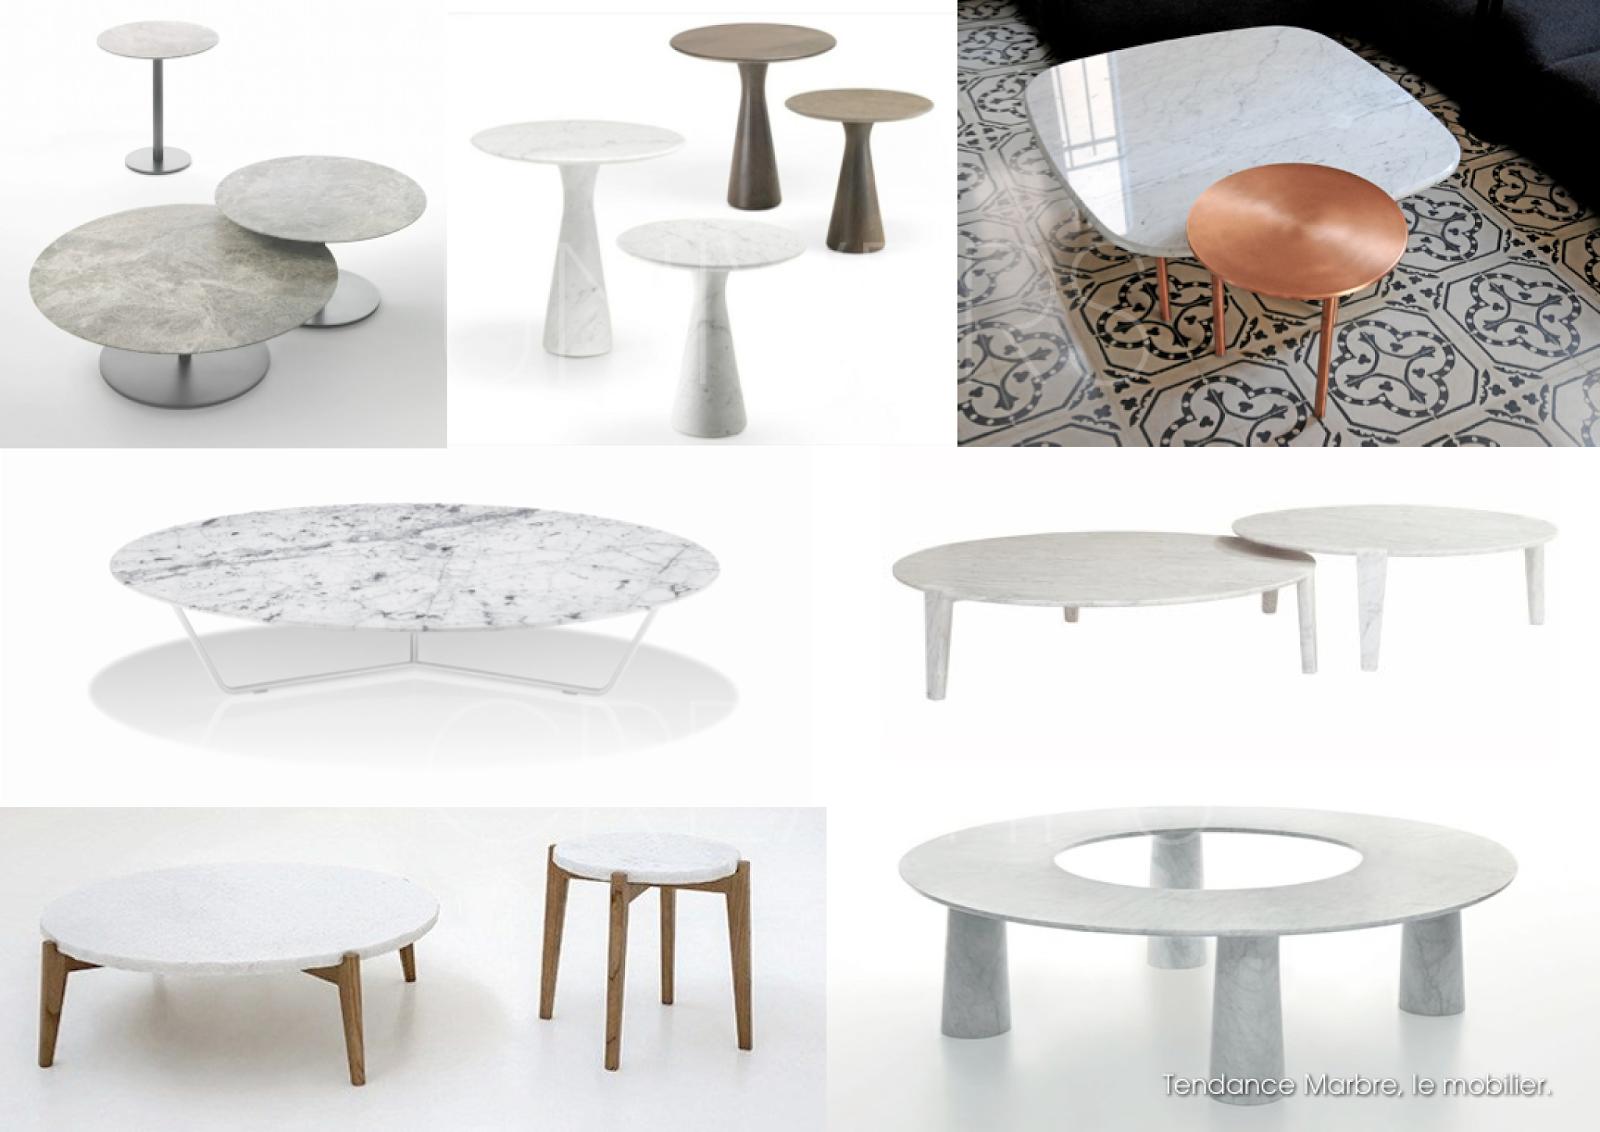 Univers creatifs tendance marbre 2 mobilier les for Table basse marbre design